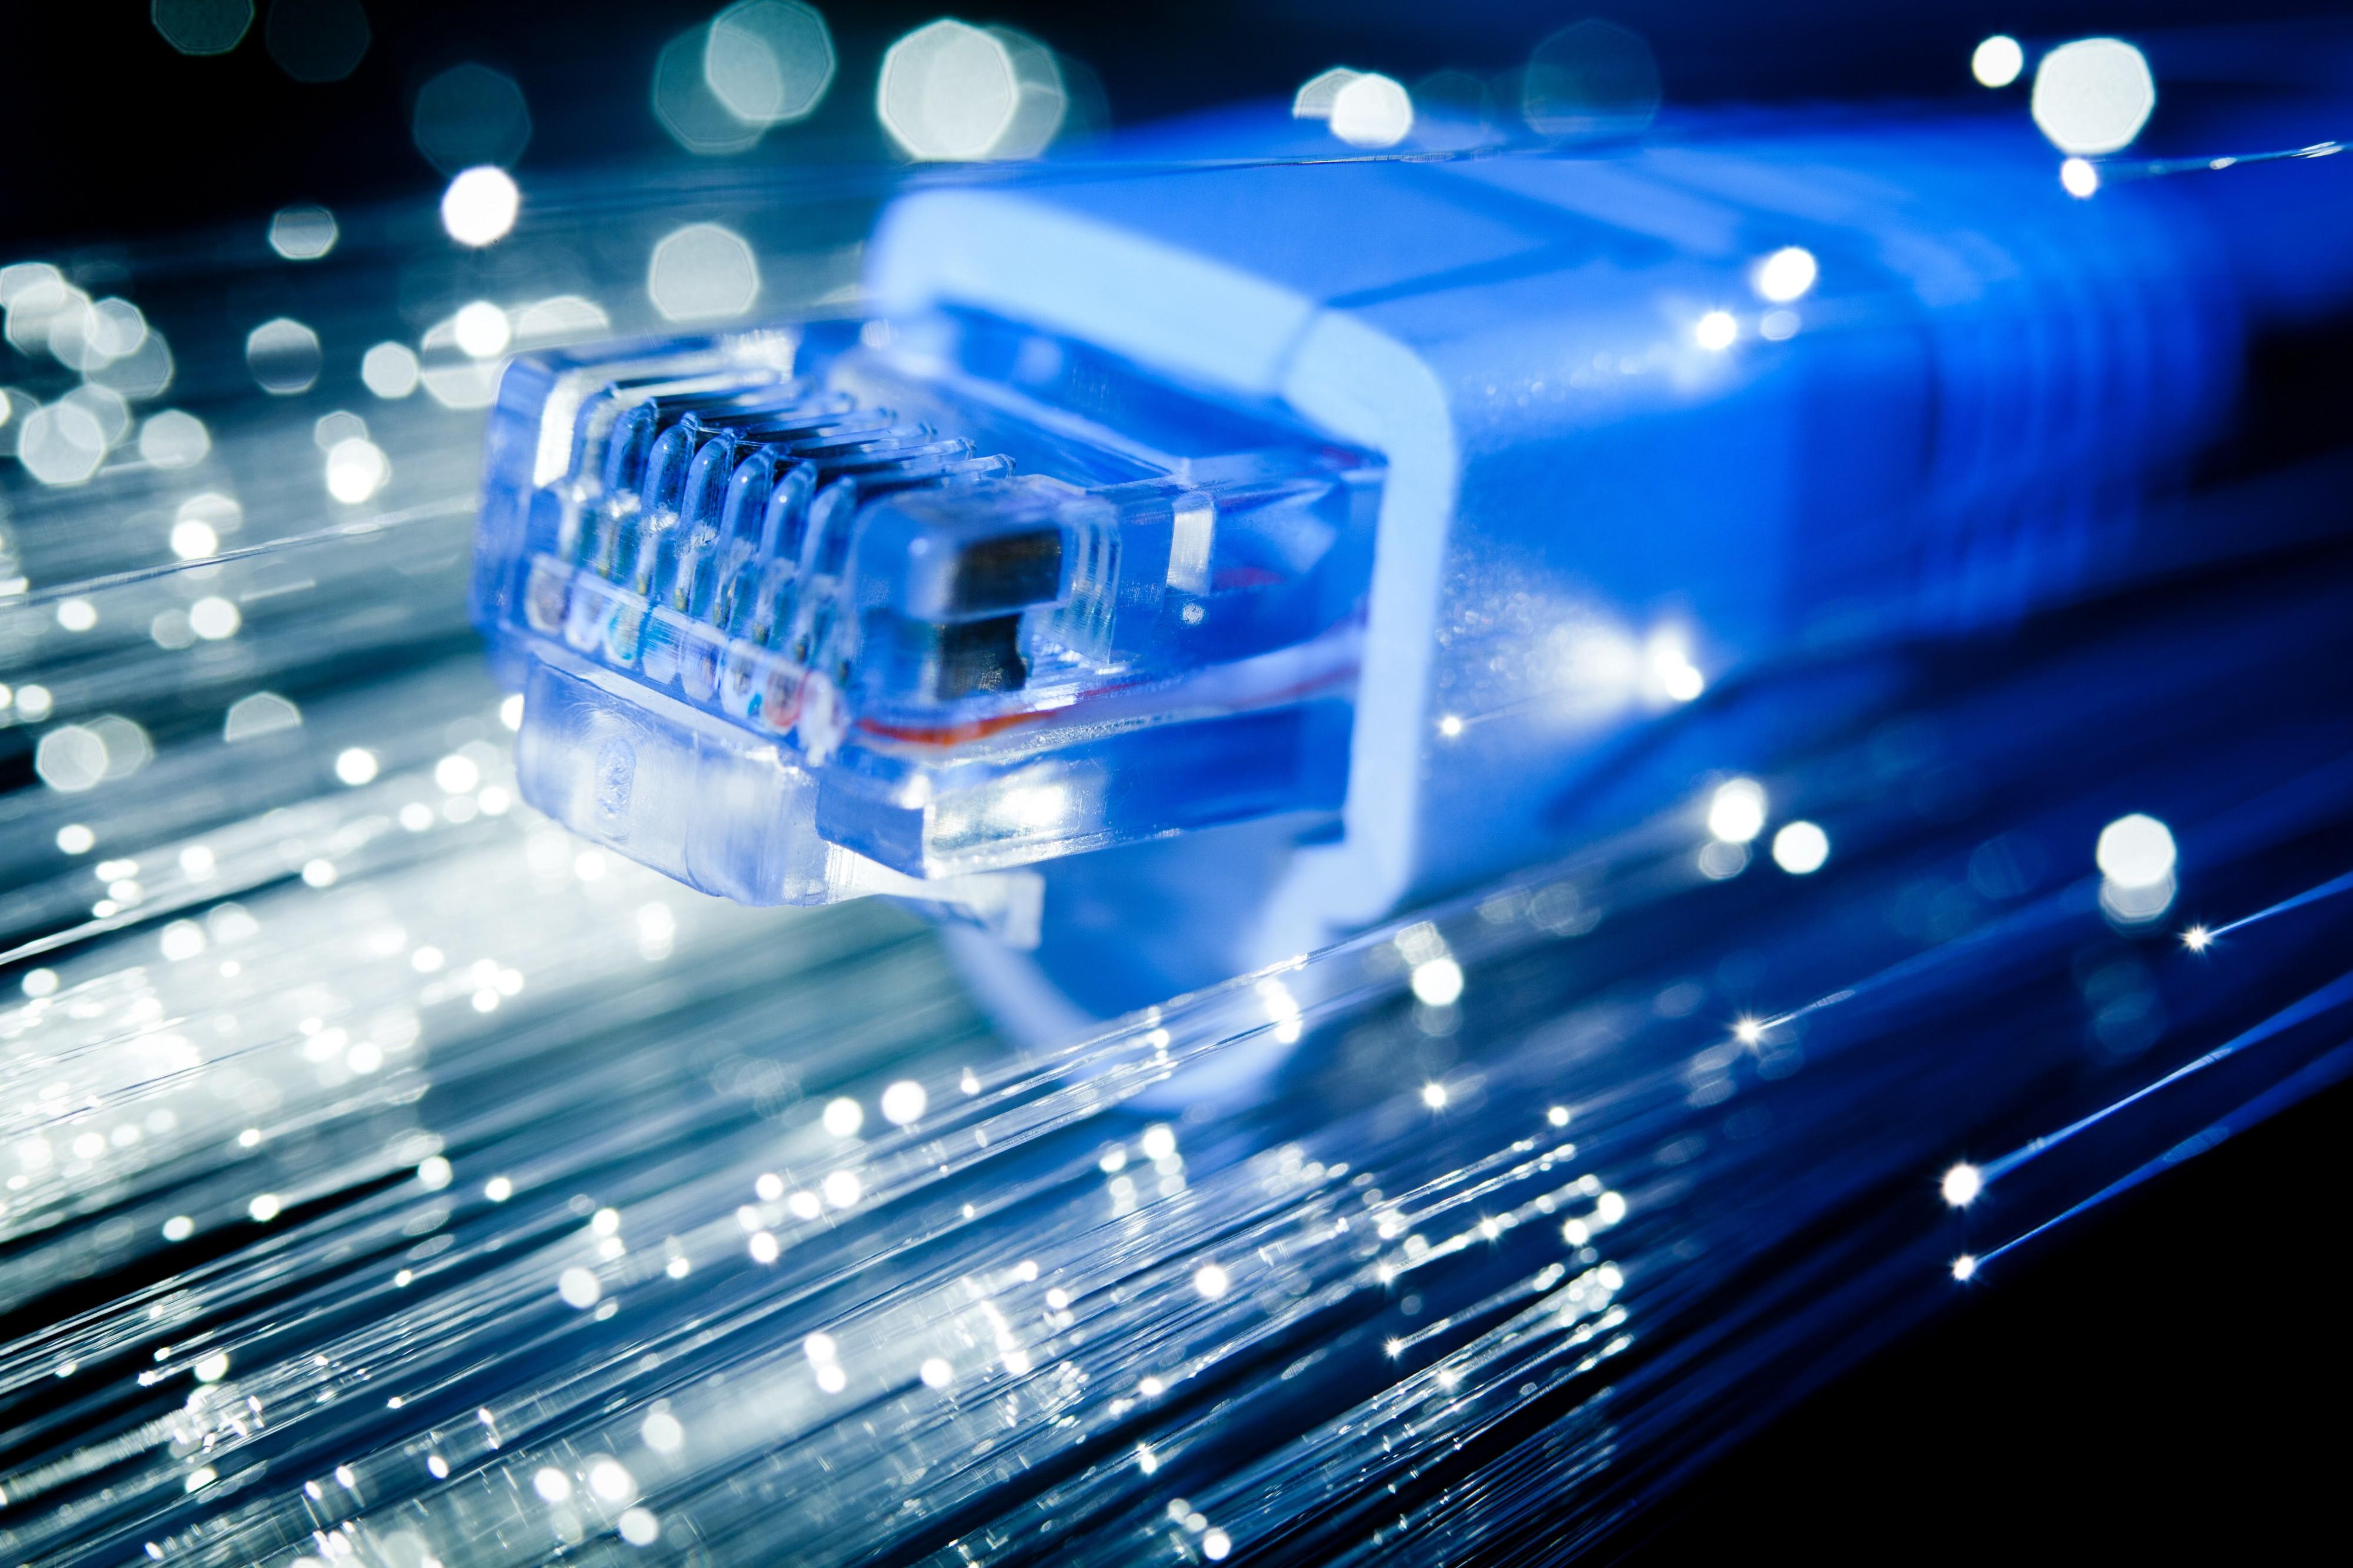 Cкільки українських сіл підключать до інтернету у 2021 році